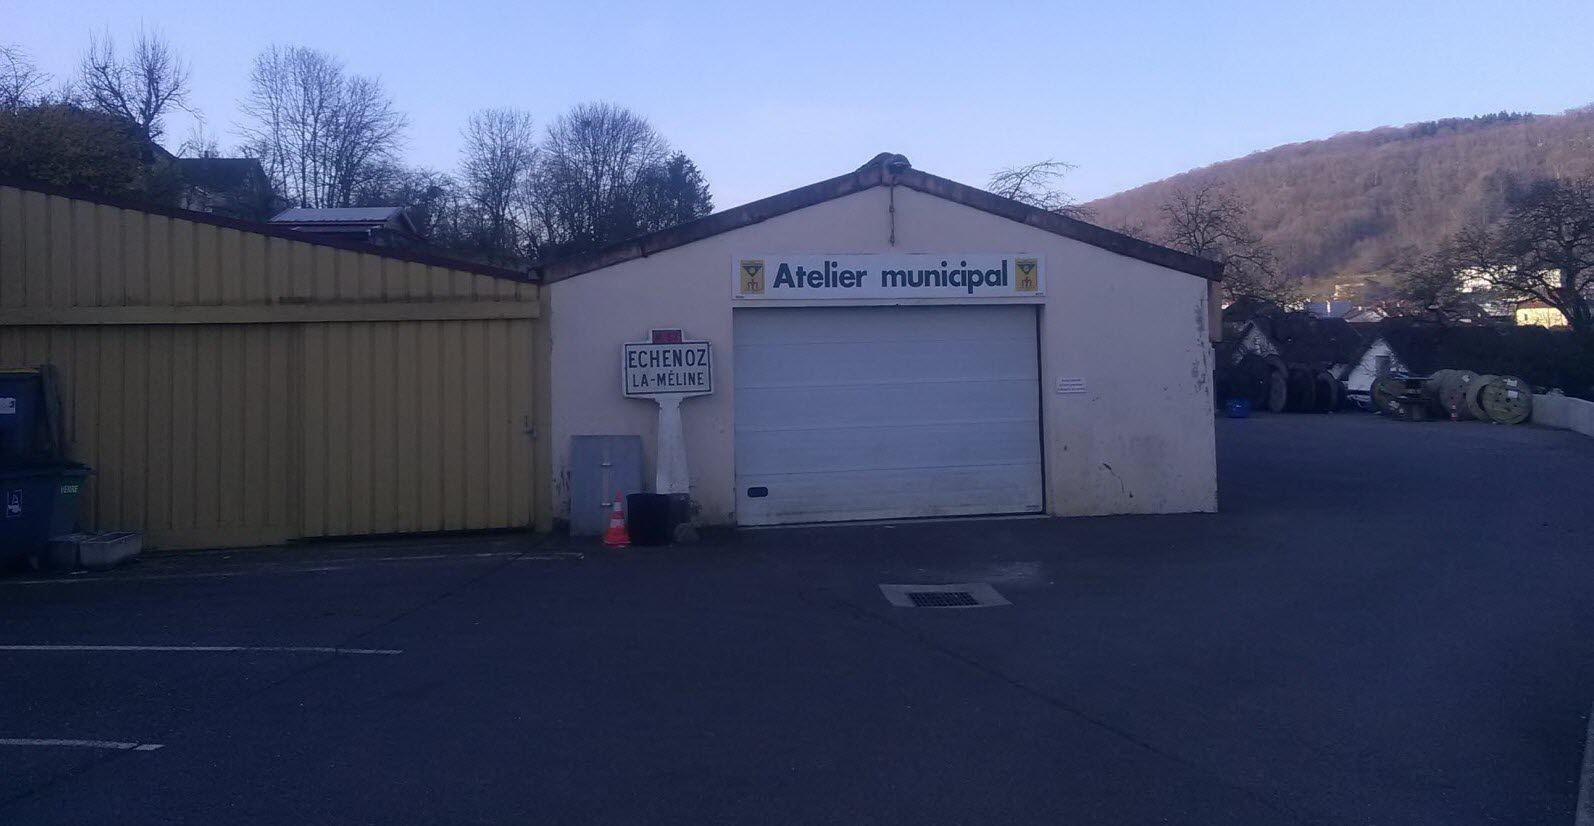 Le parking des ateliers municipaux et celui de la mairie bientôt sous vidéo protection.  Photo ER